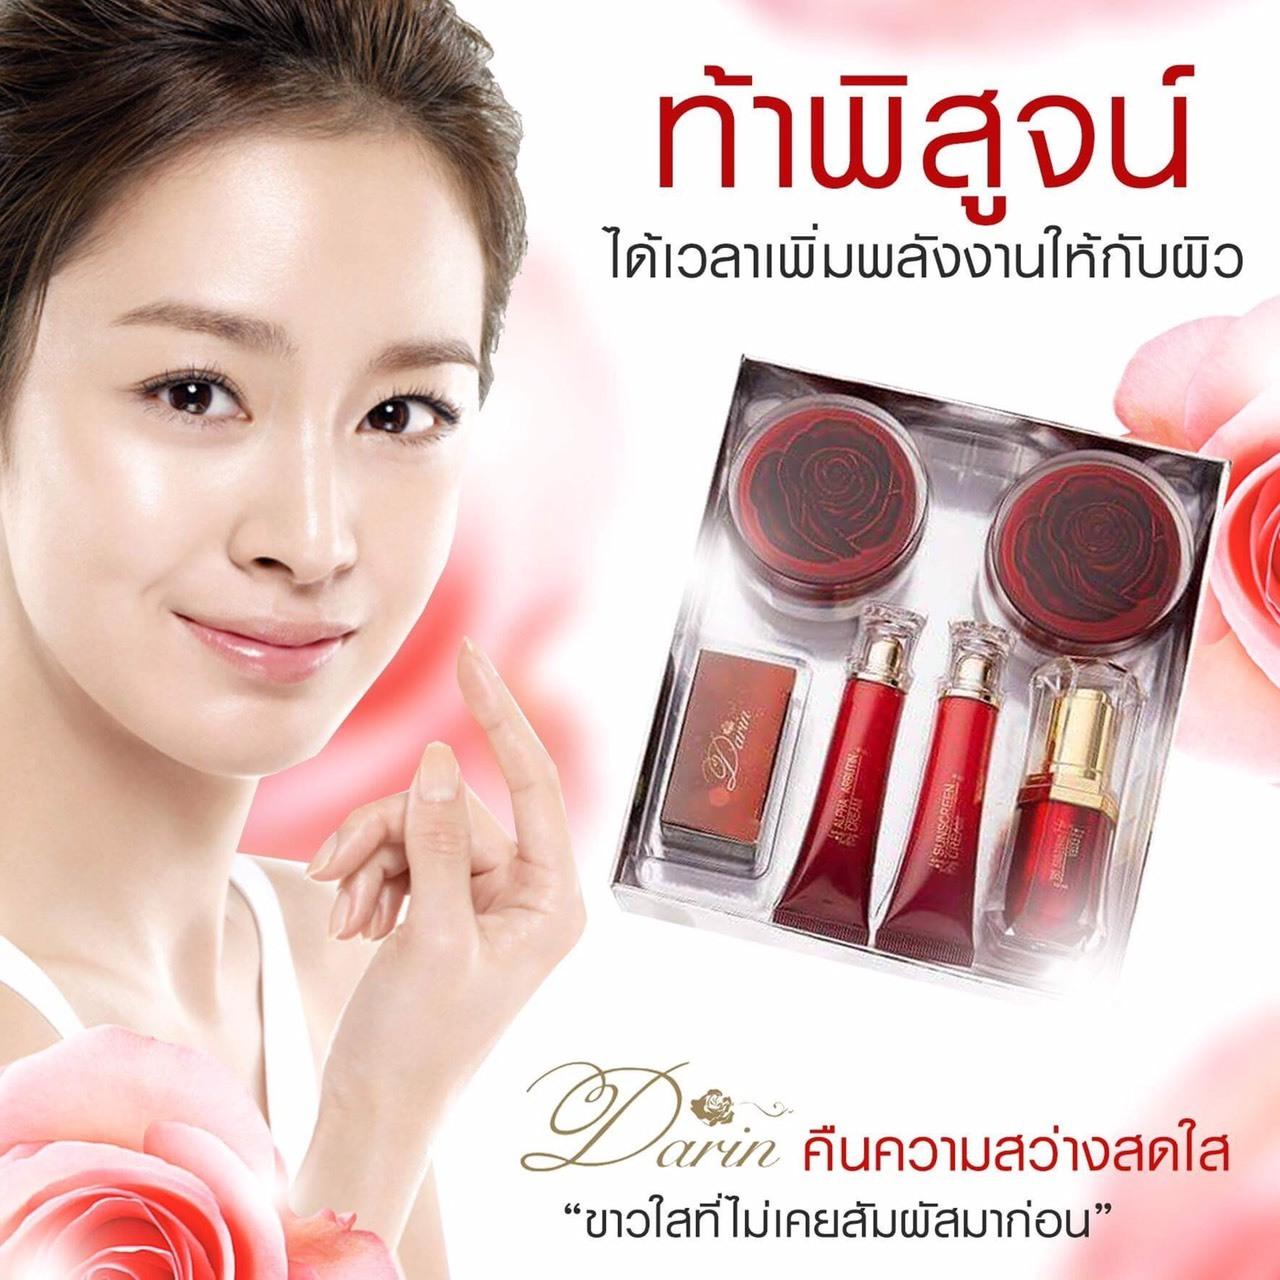 Acne Cream Set